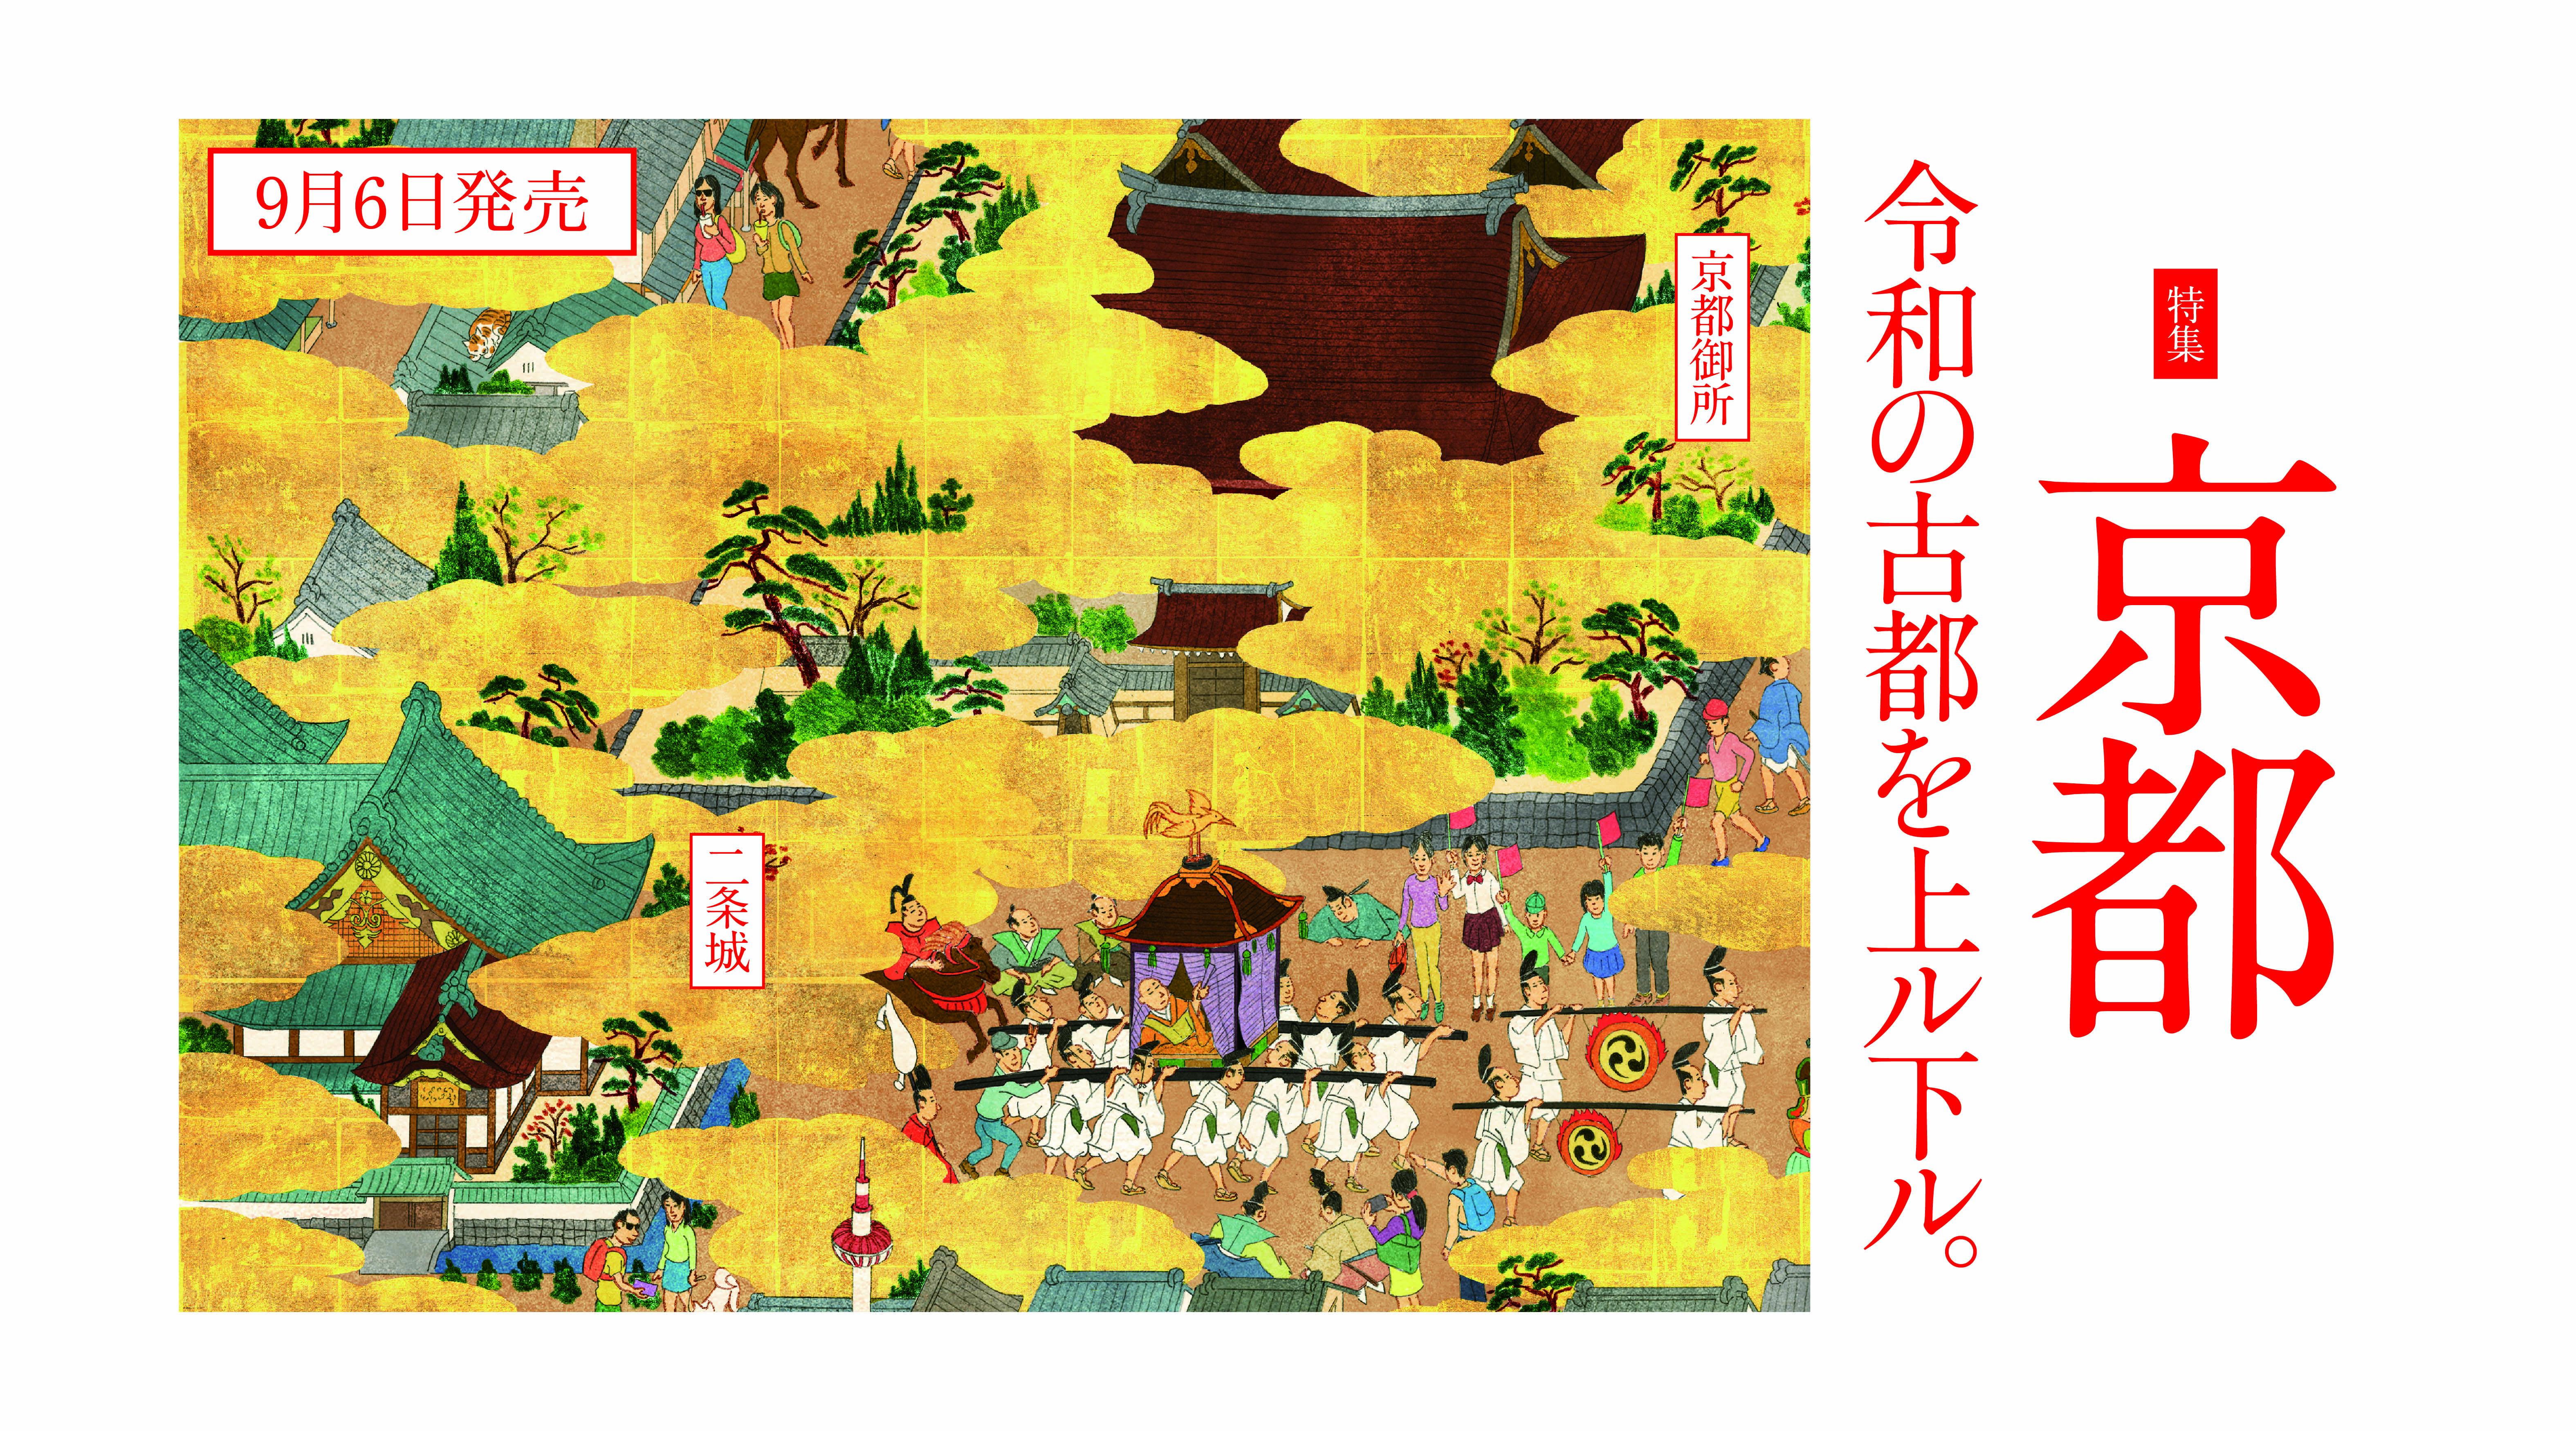 特集:京都 令和の古都を上ル下ル。<br/>【9/6発売】Discover Japan10月号